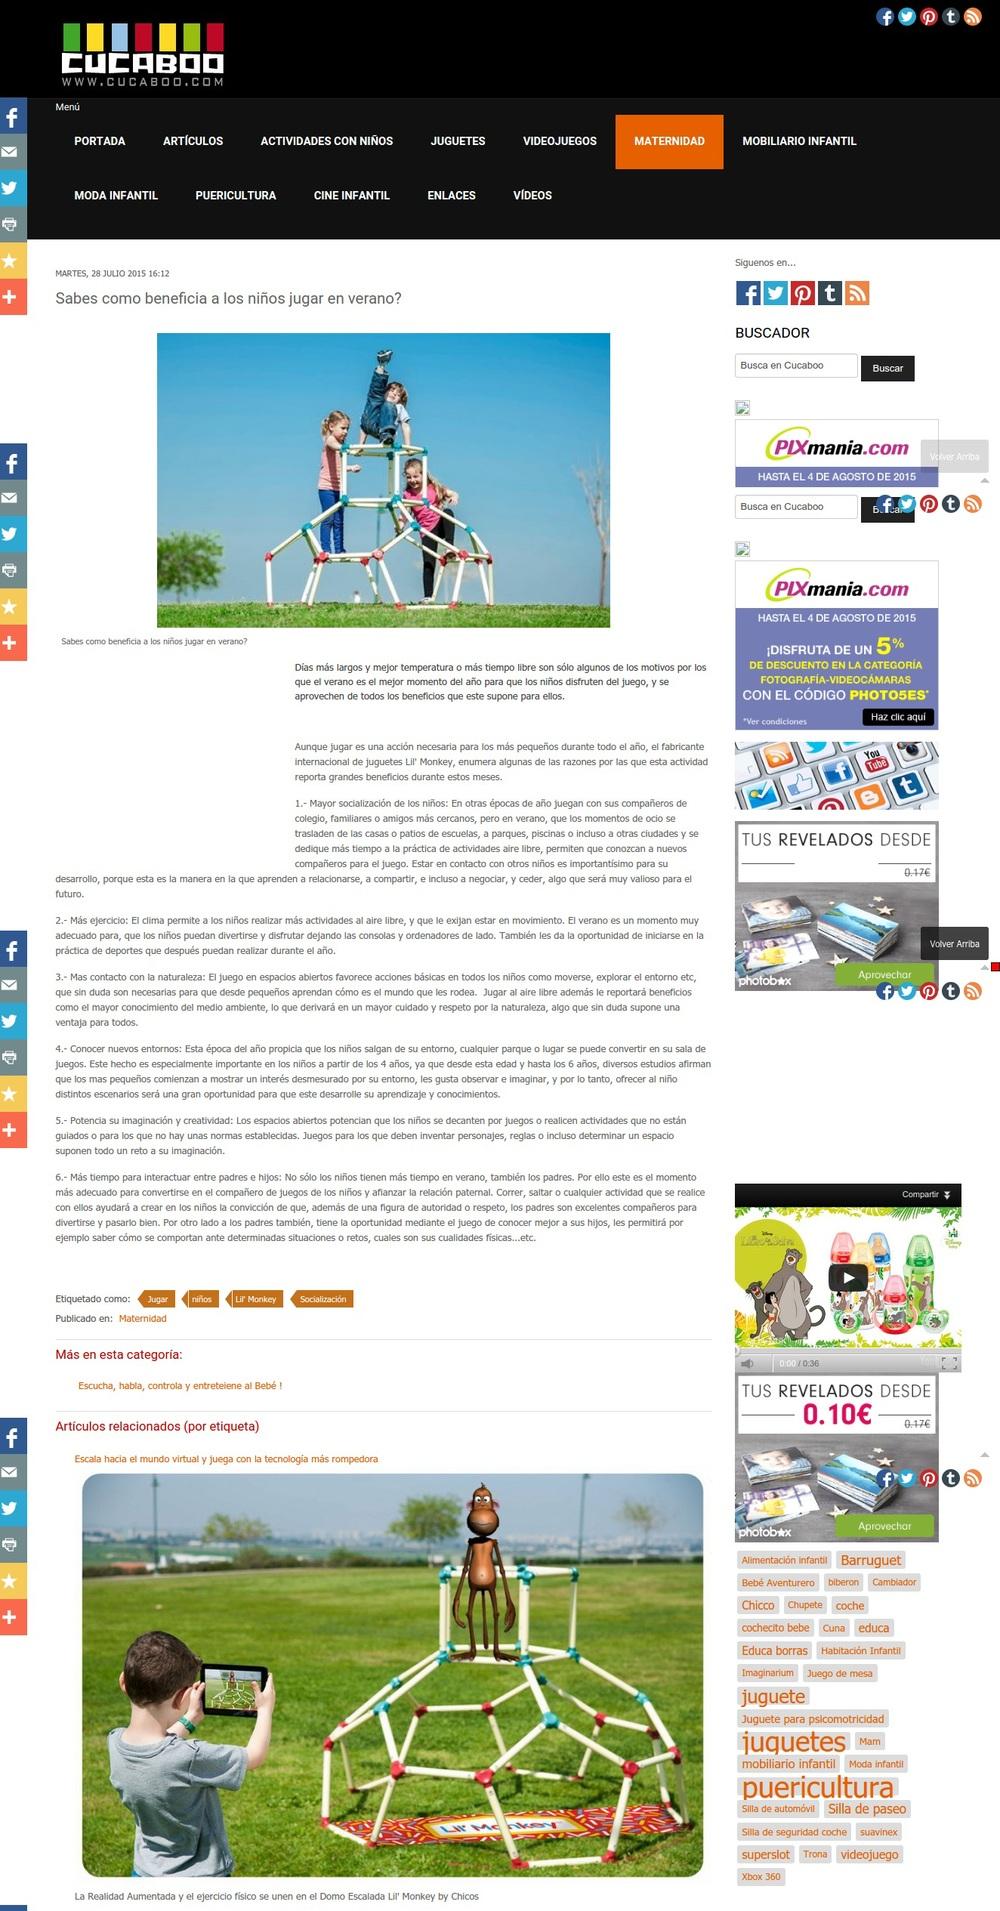 Cucaboo_com (28-07-15) NP Jugar en Verano.jpg